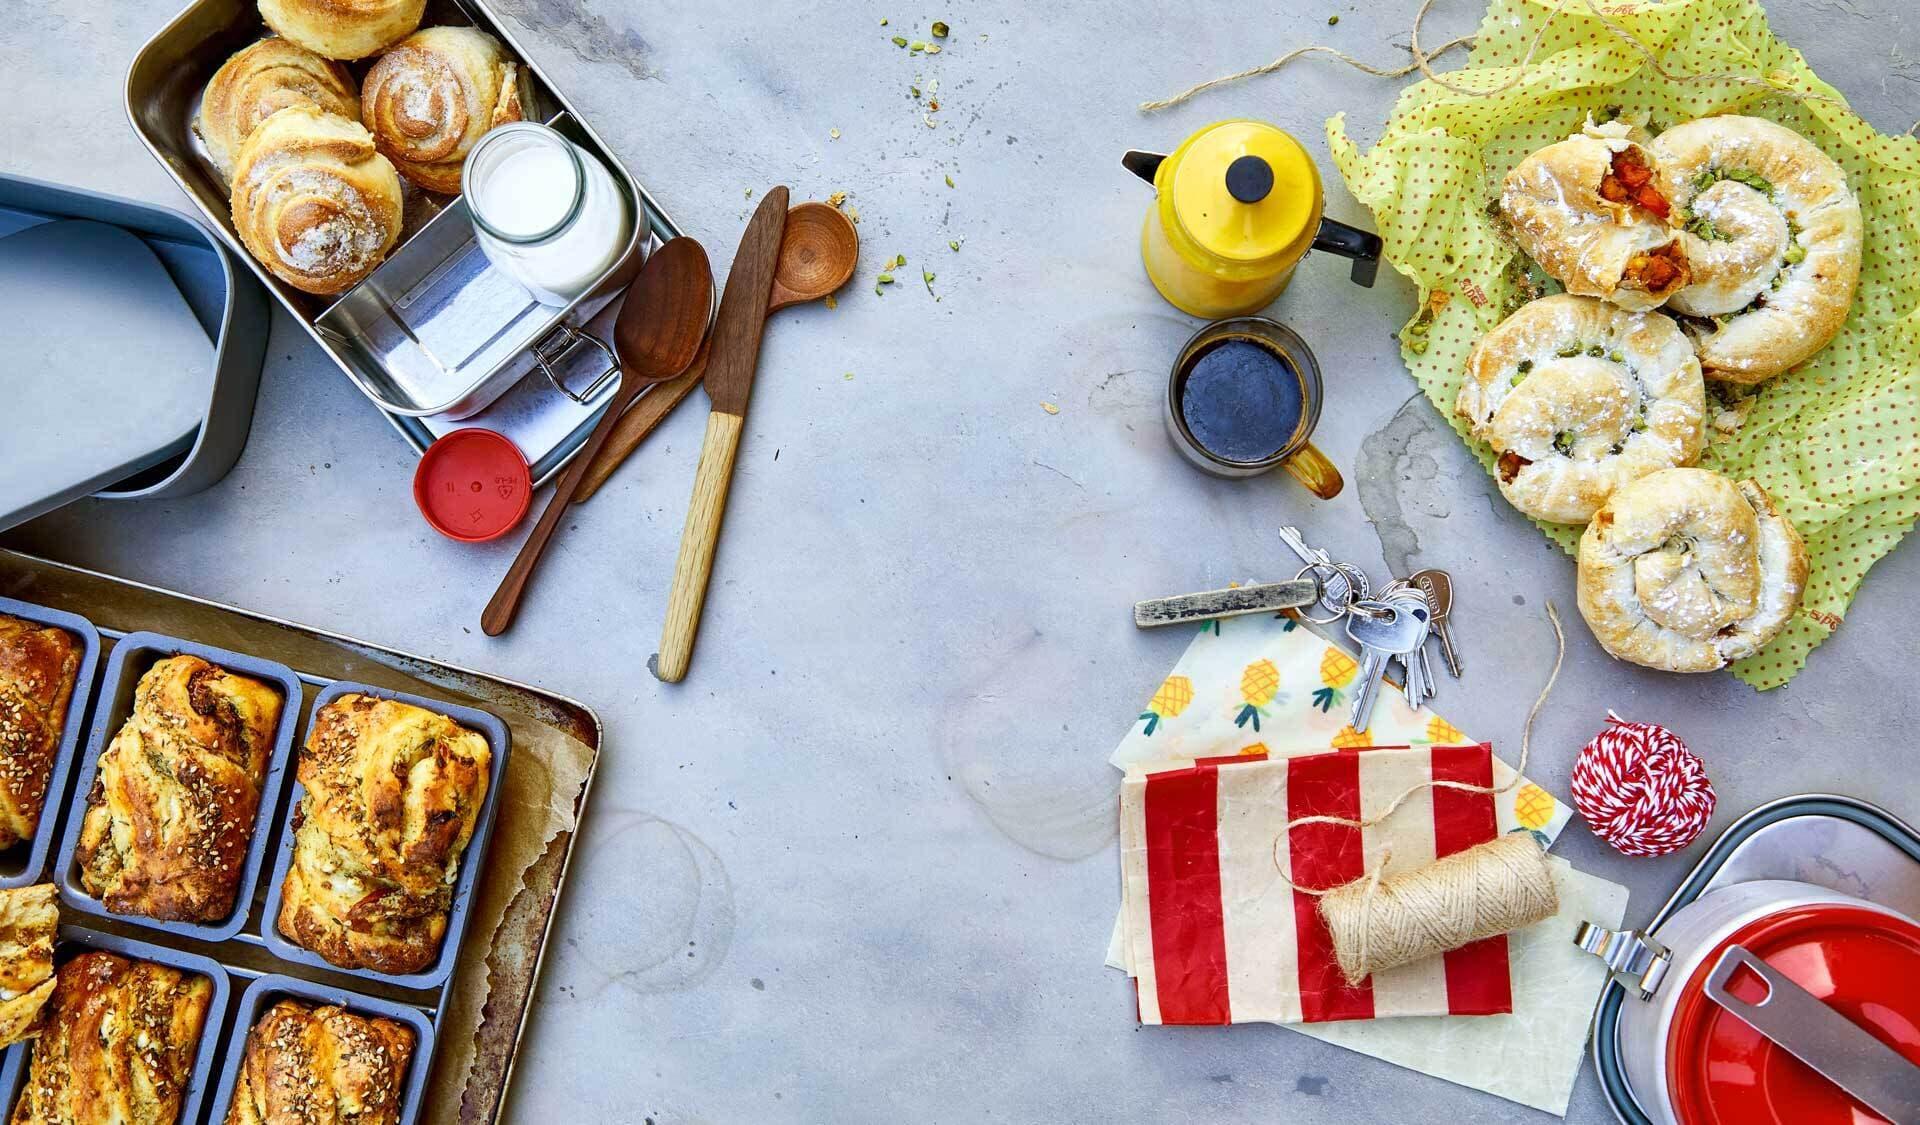 Rezepte zum Mitnehmen (© Fotos&Rezepte: Yelda Yilmaz)